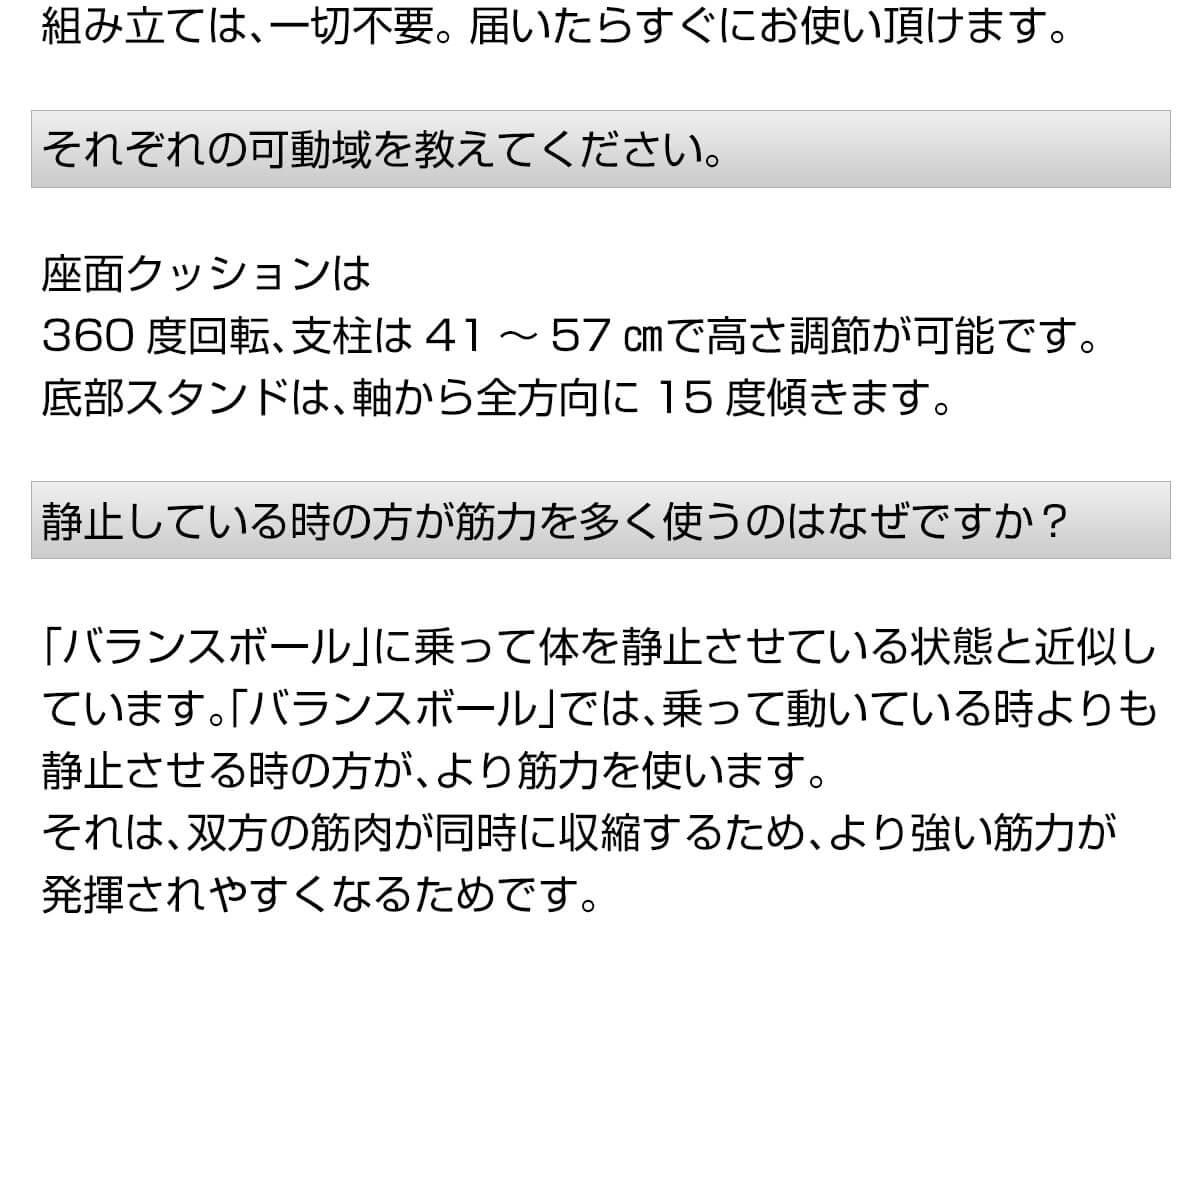 グラッチェアFAQ4